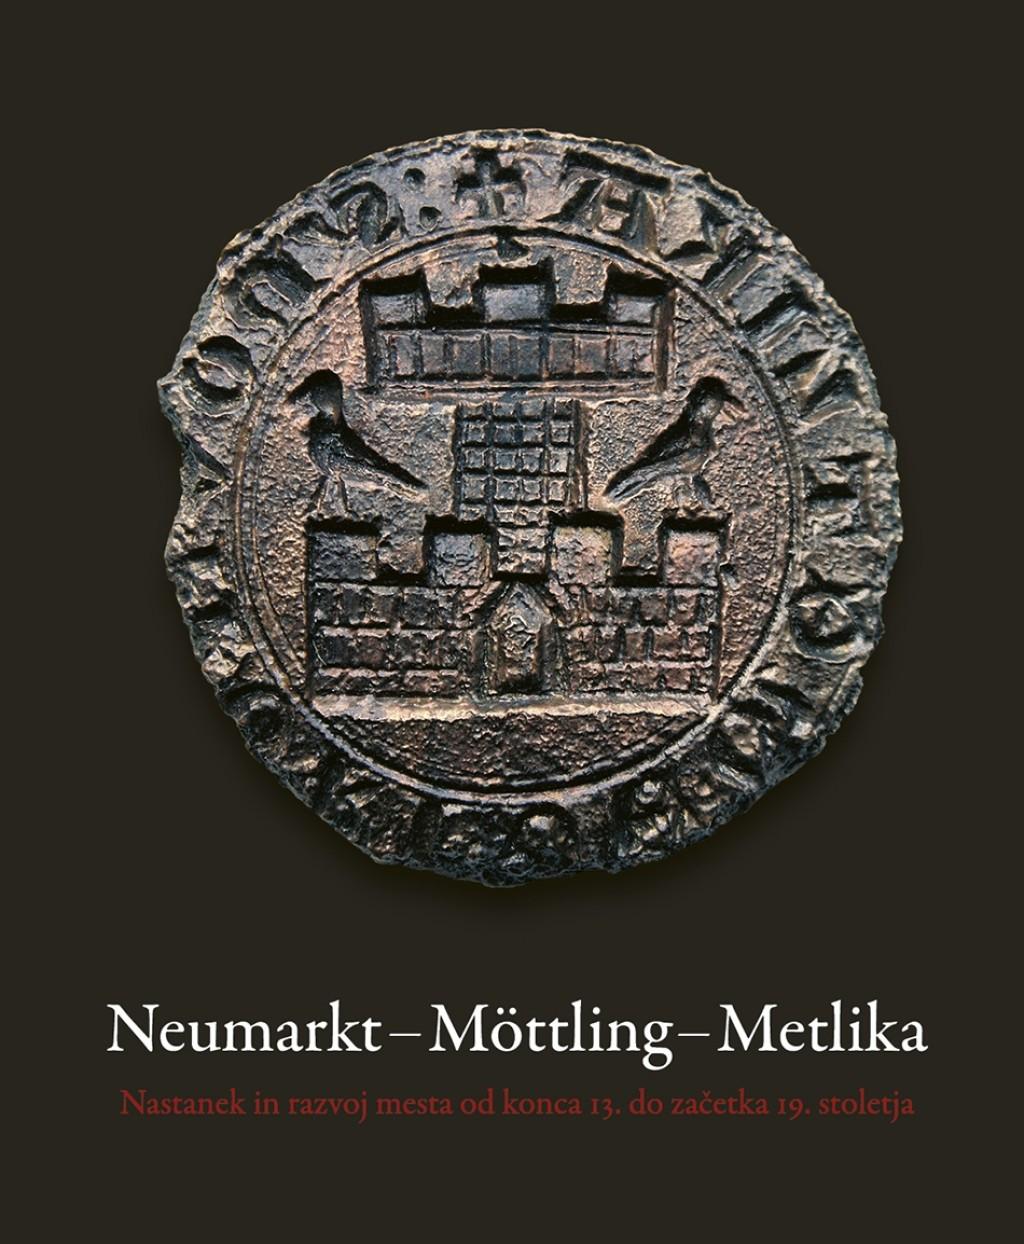 Janez Weiss (ur.): Neumarkt - Mottling - Metlika: nastanek in razvoj mesta od konca 13. do začetka 19. stoletja, 2018<br>